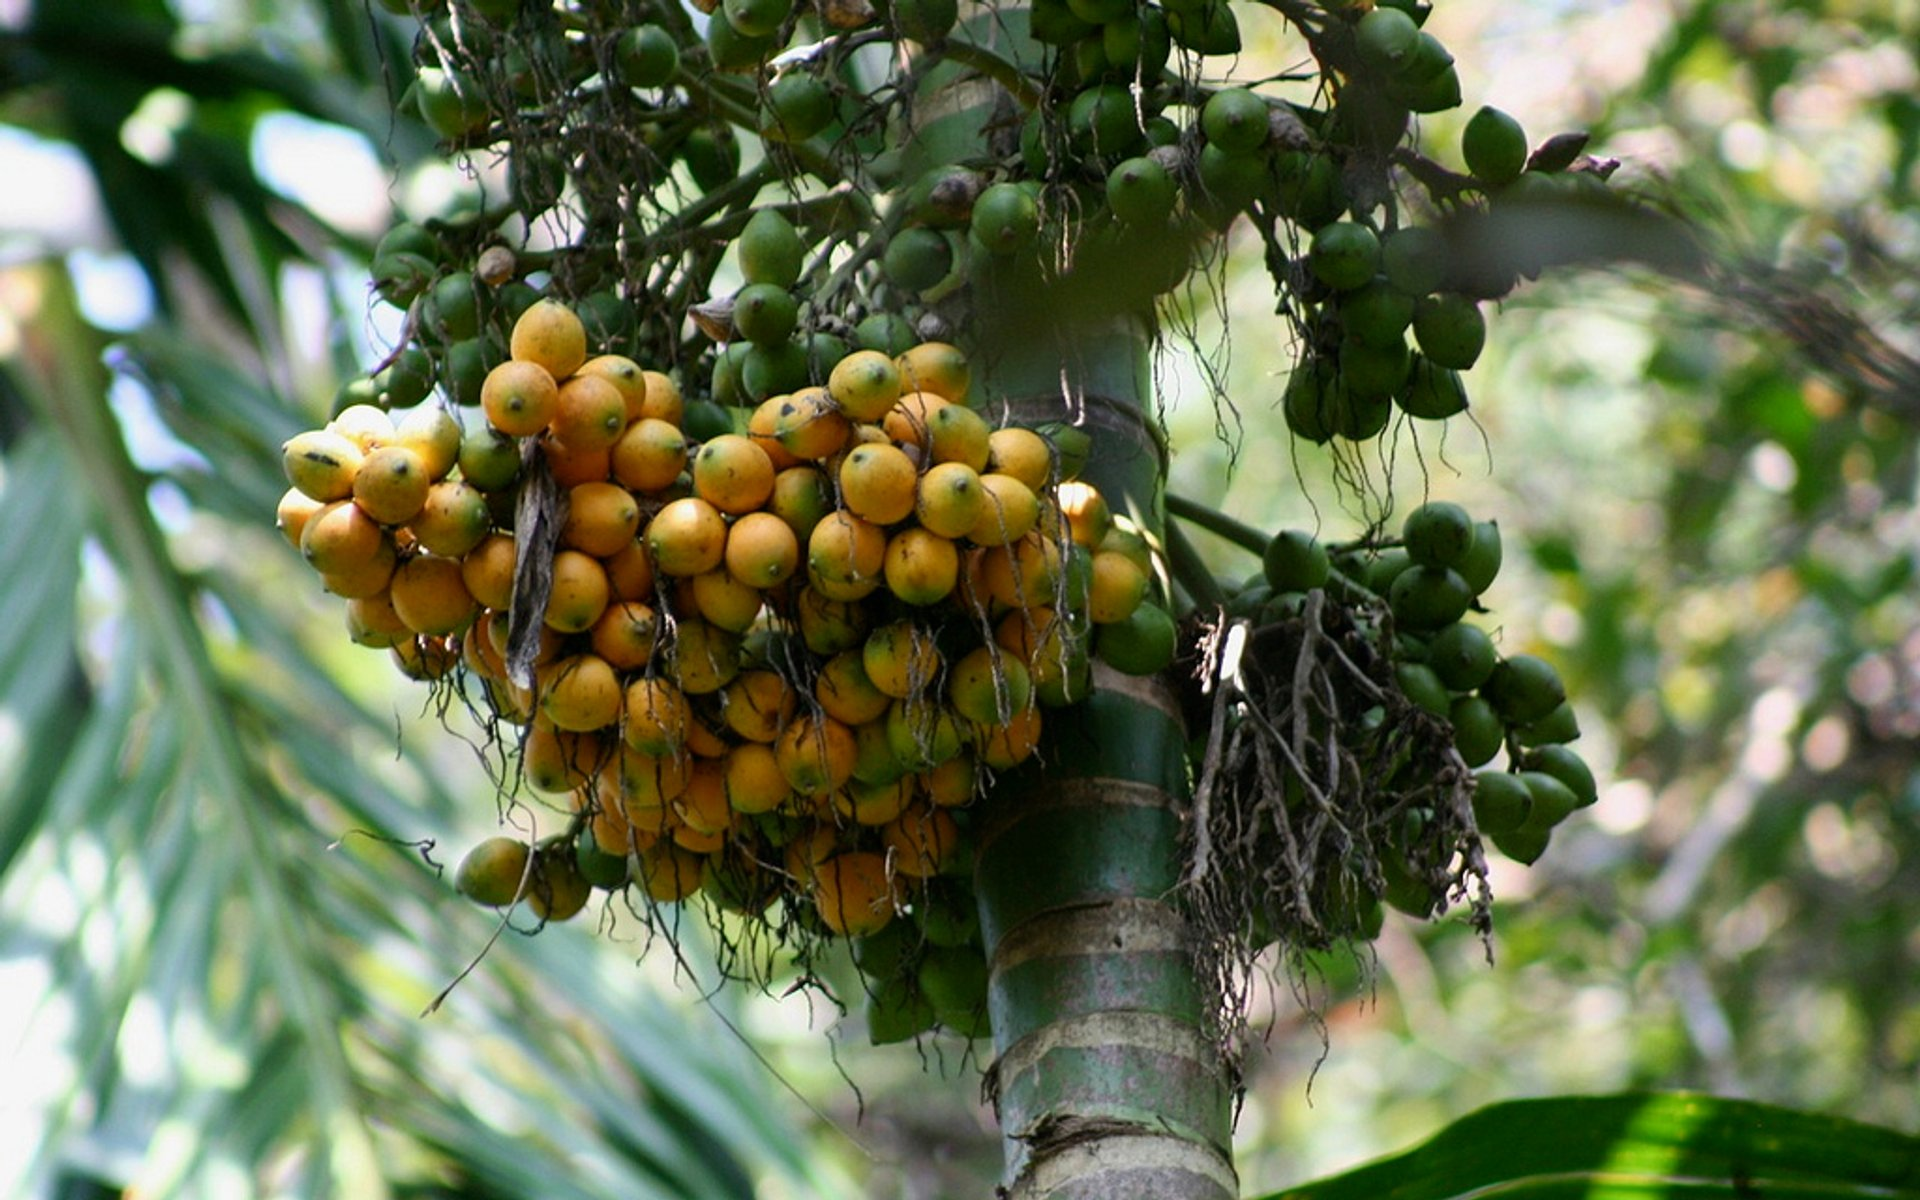 Areca nuts 2019